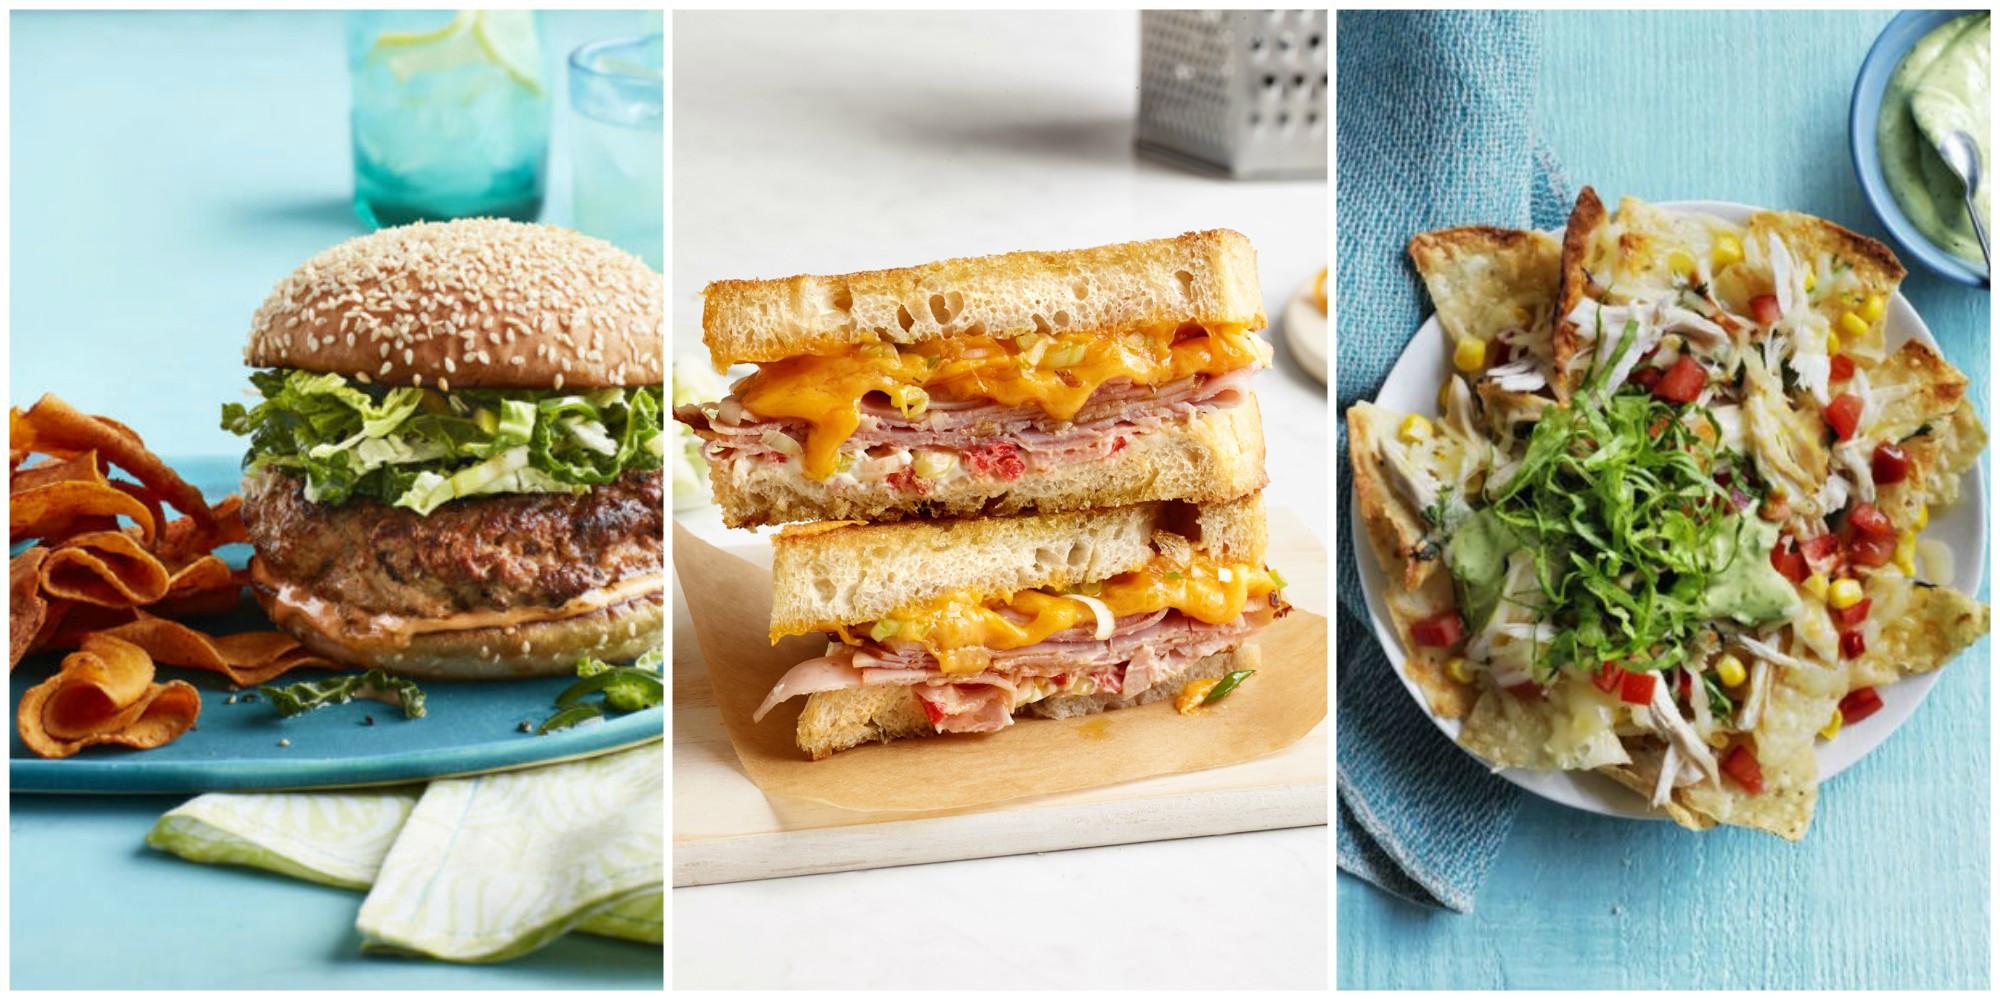 Kids Dinner Receipes  15 Easy Dinner Recipes For Kids Best Kid Friendly Dinner